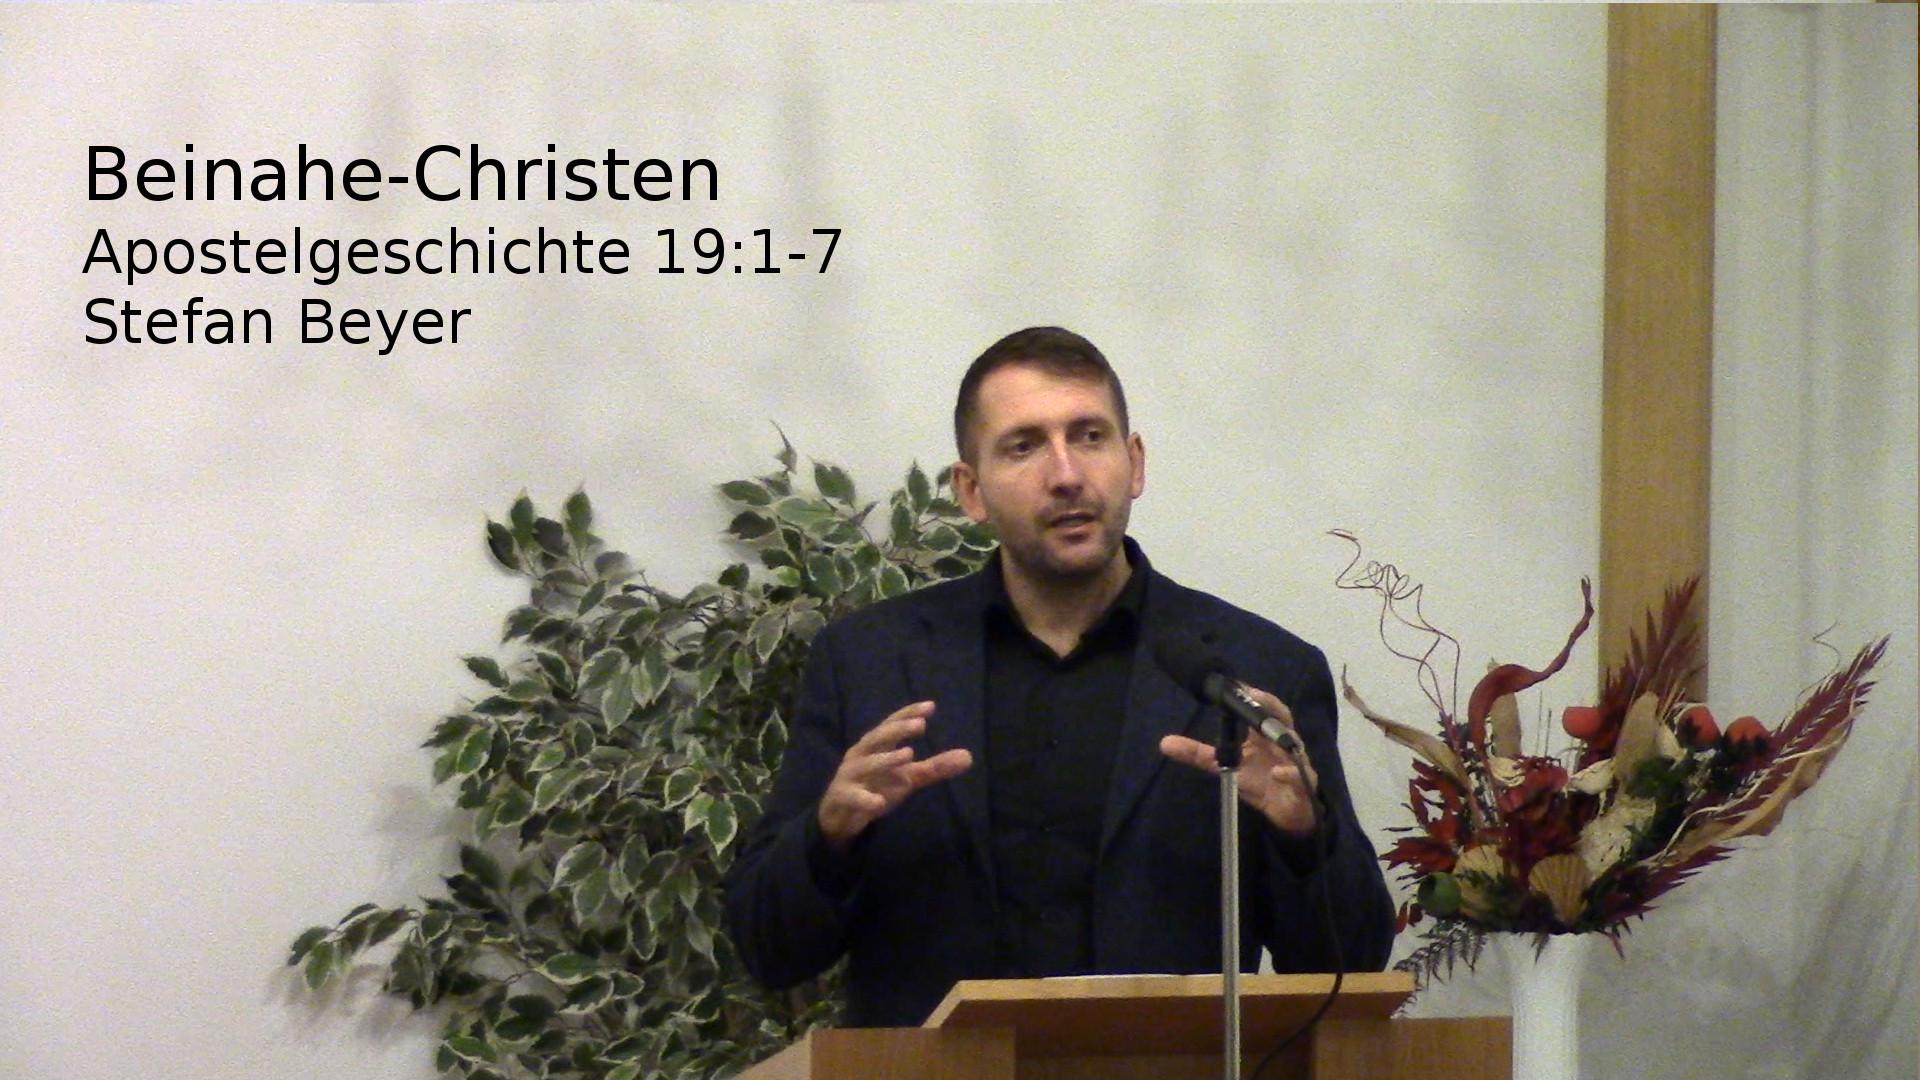 Apostelgeschichte 19:1-7 – Beinahe-Christen